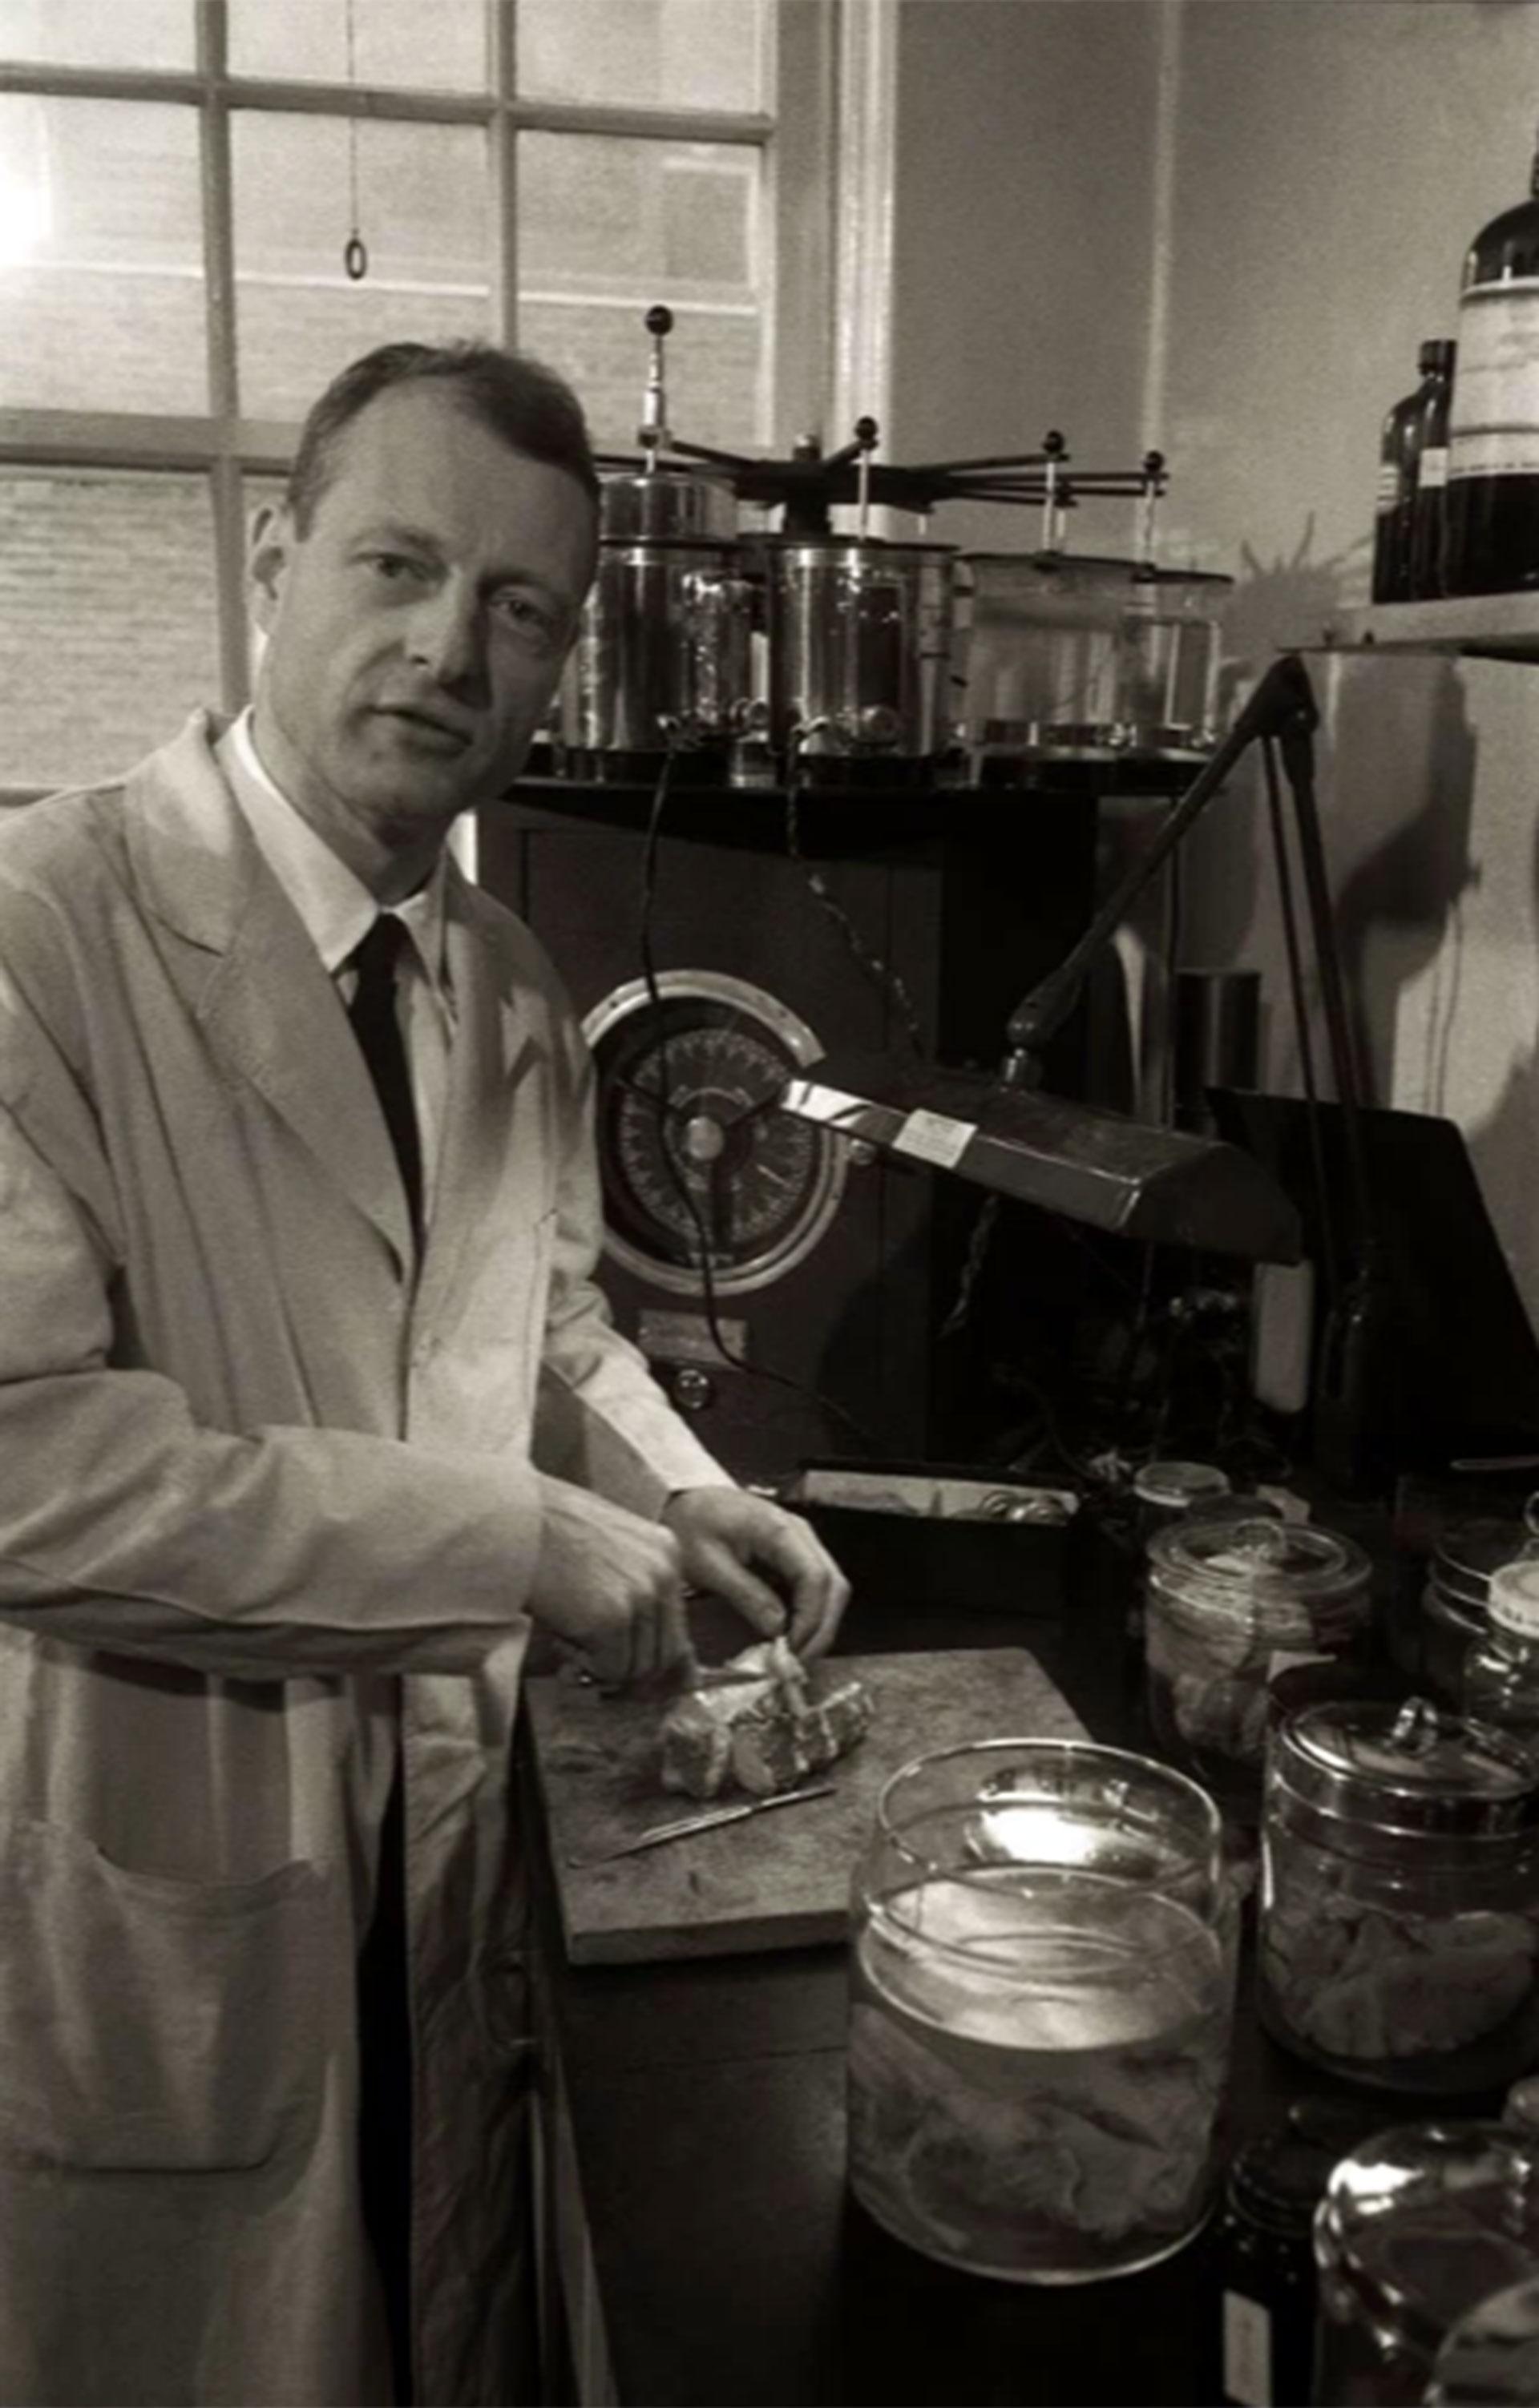 El doctor Thomas Harvey muestra a Ralph Morse cómo disecciona lo que sería el cerebro de Albert Einstein para su estudio (Ralph Morse -Life Magazine- Getty)